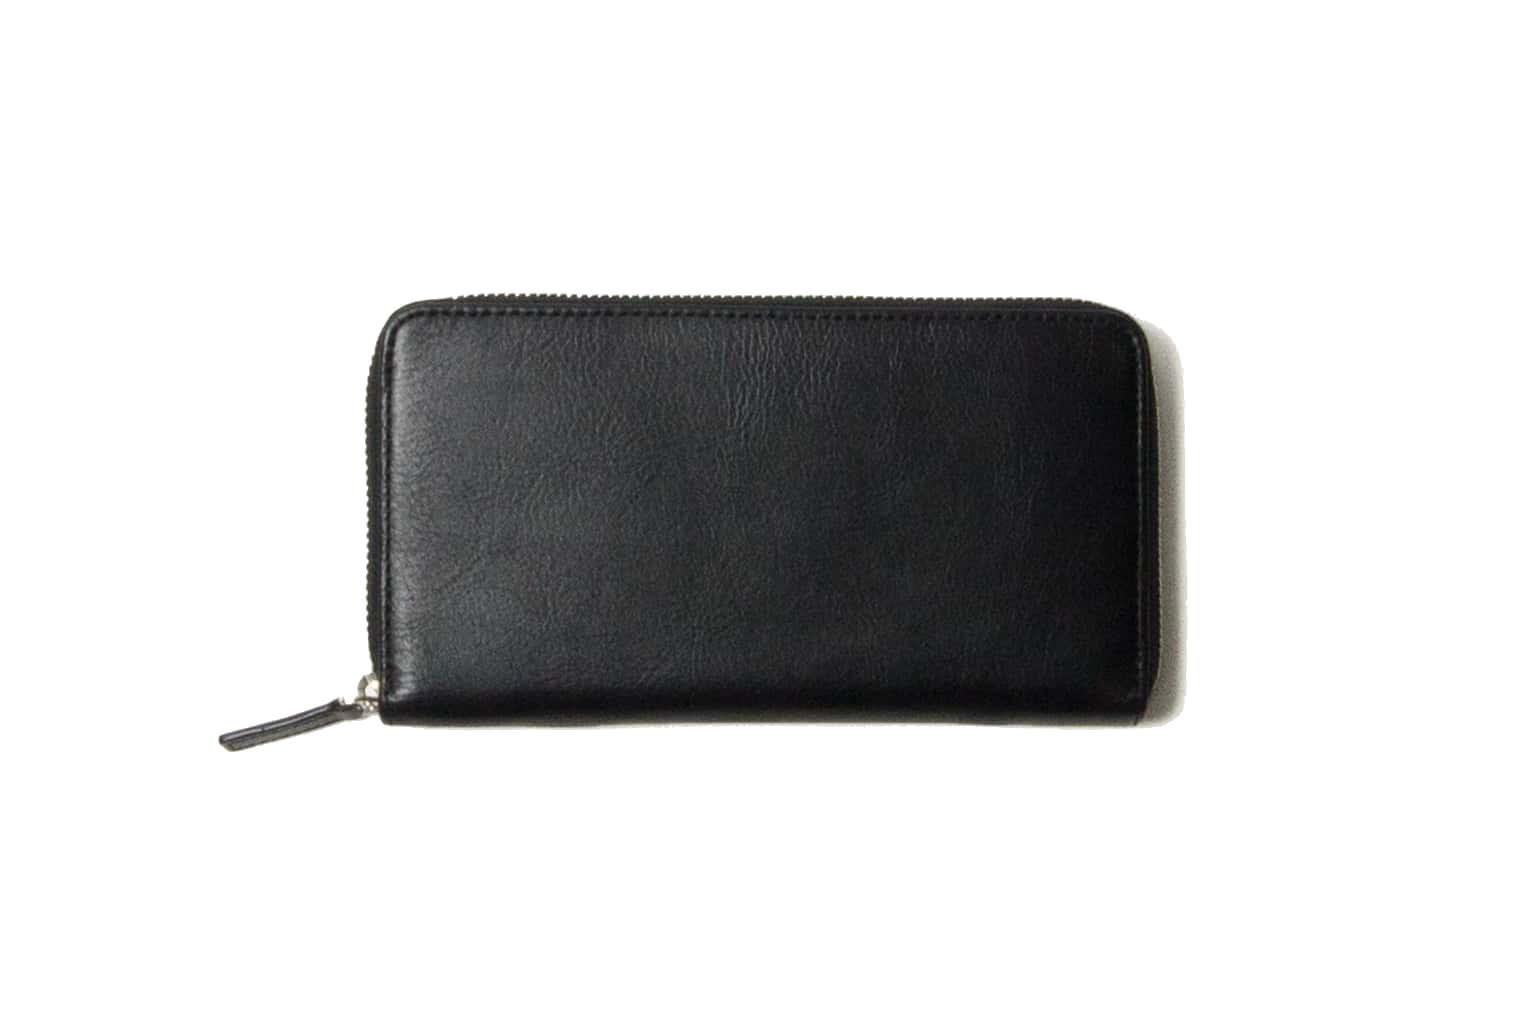 ブラック Business Leather Factory(ビジネスレザーファクトリー) 長財布(ラウンドファスナー)